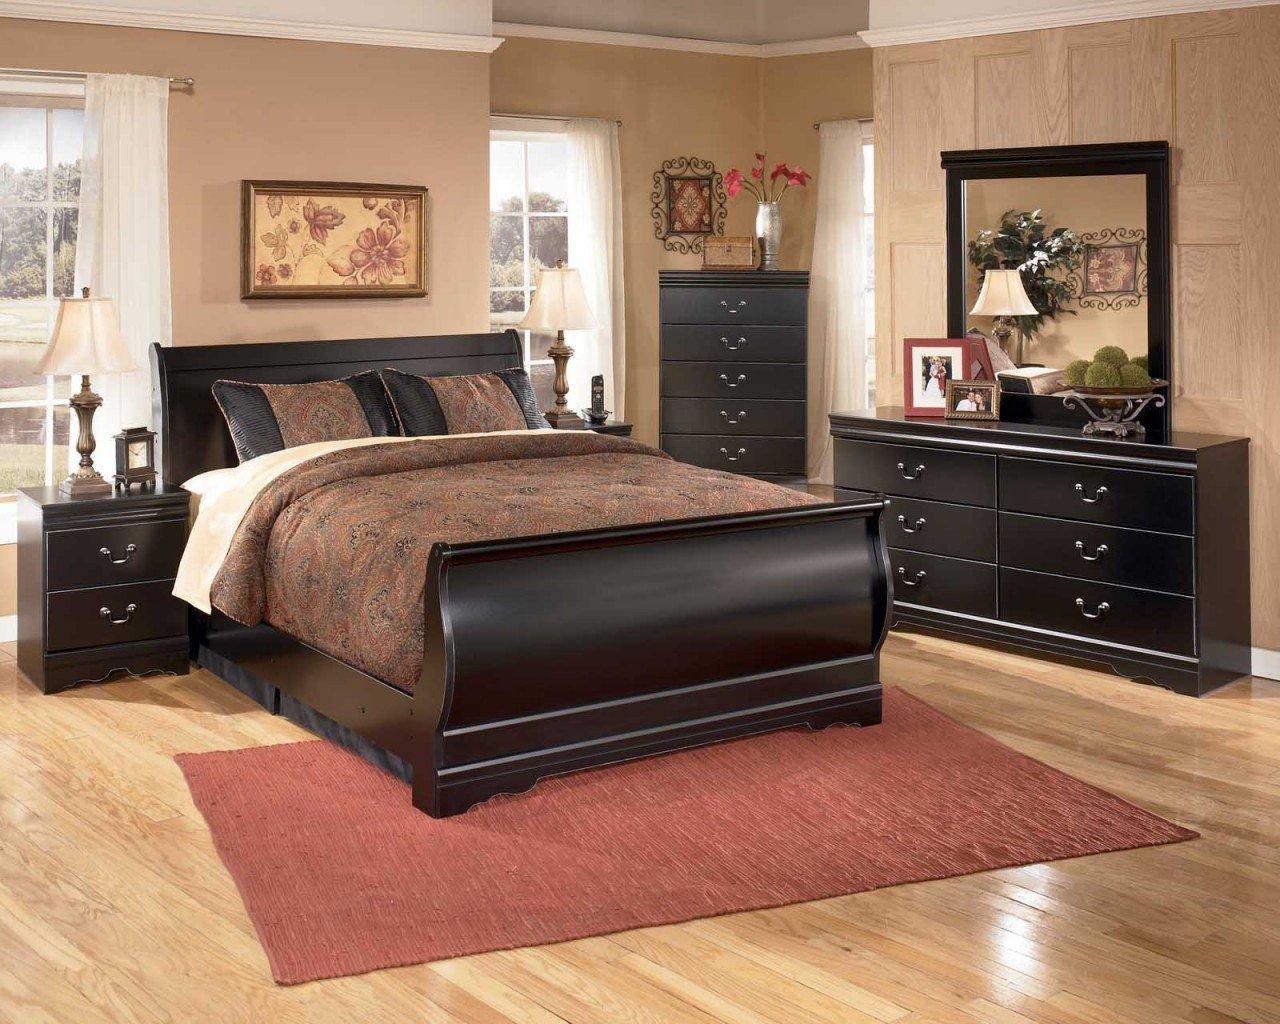 King Bedroom Sets Clearance Home Furniture Design